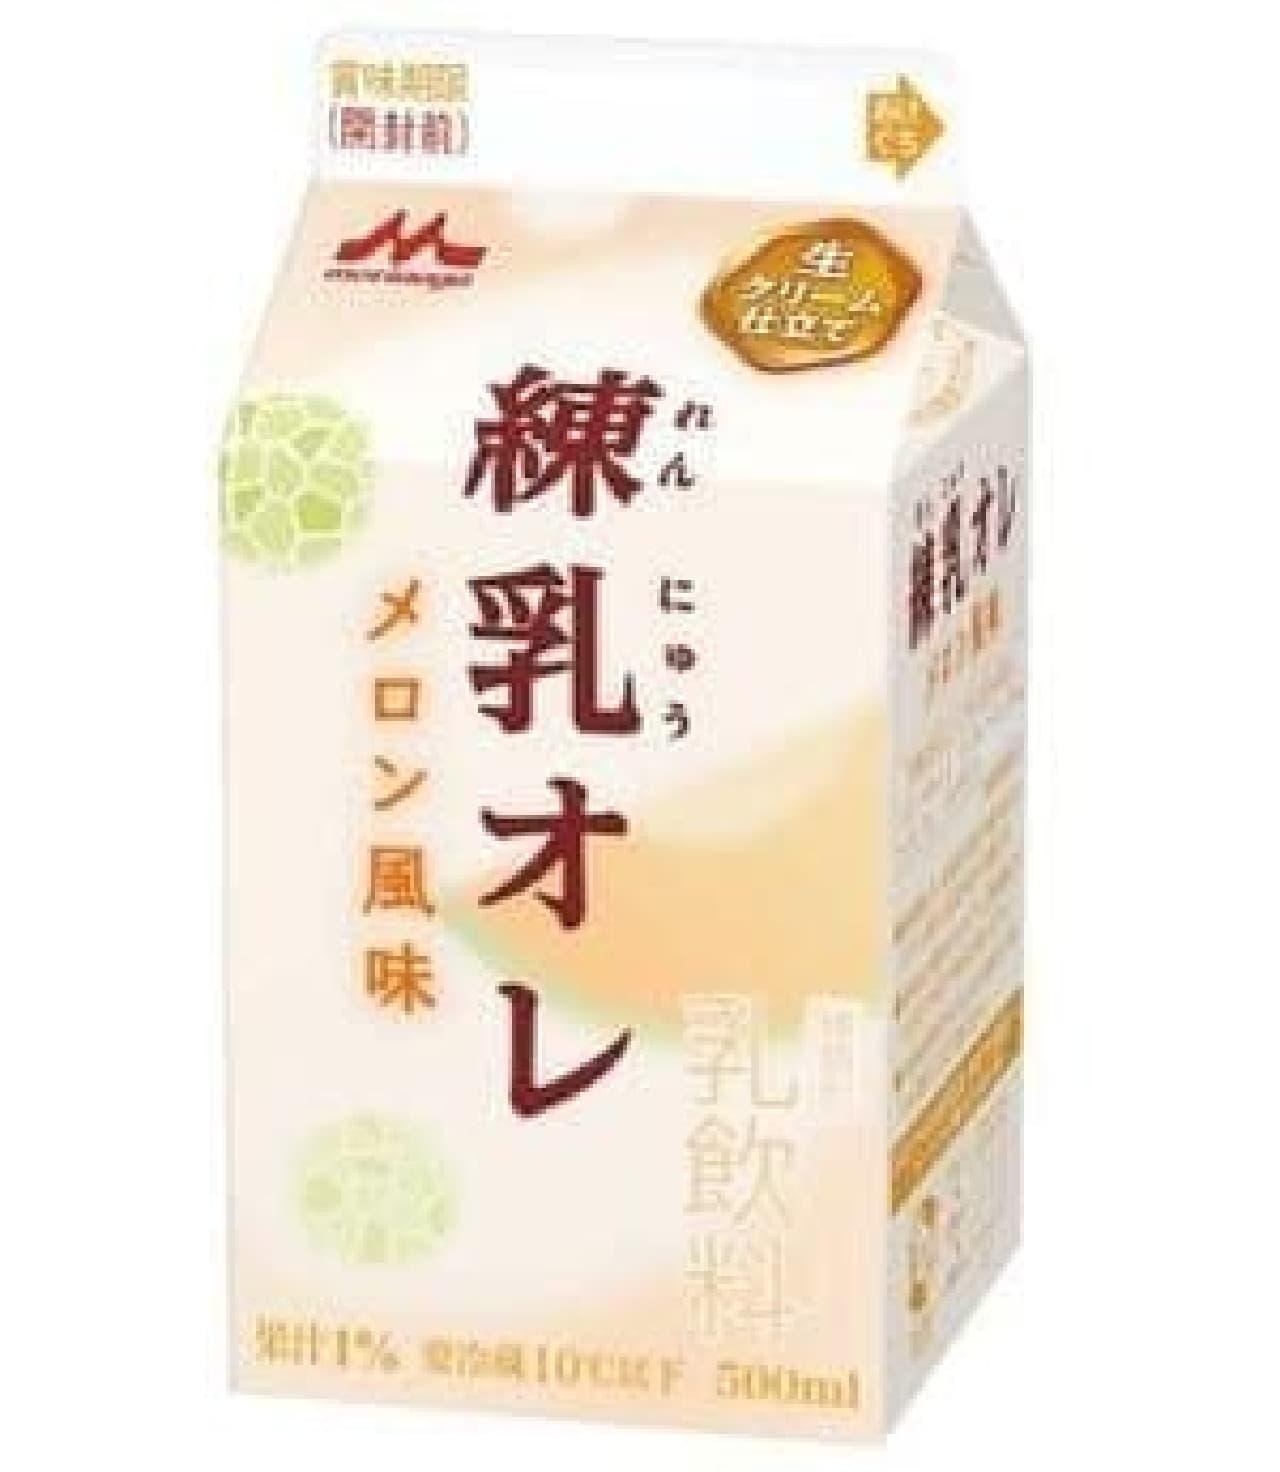 優しくて濃厚なミルクの味わい